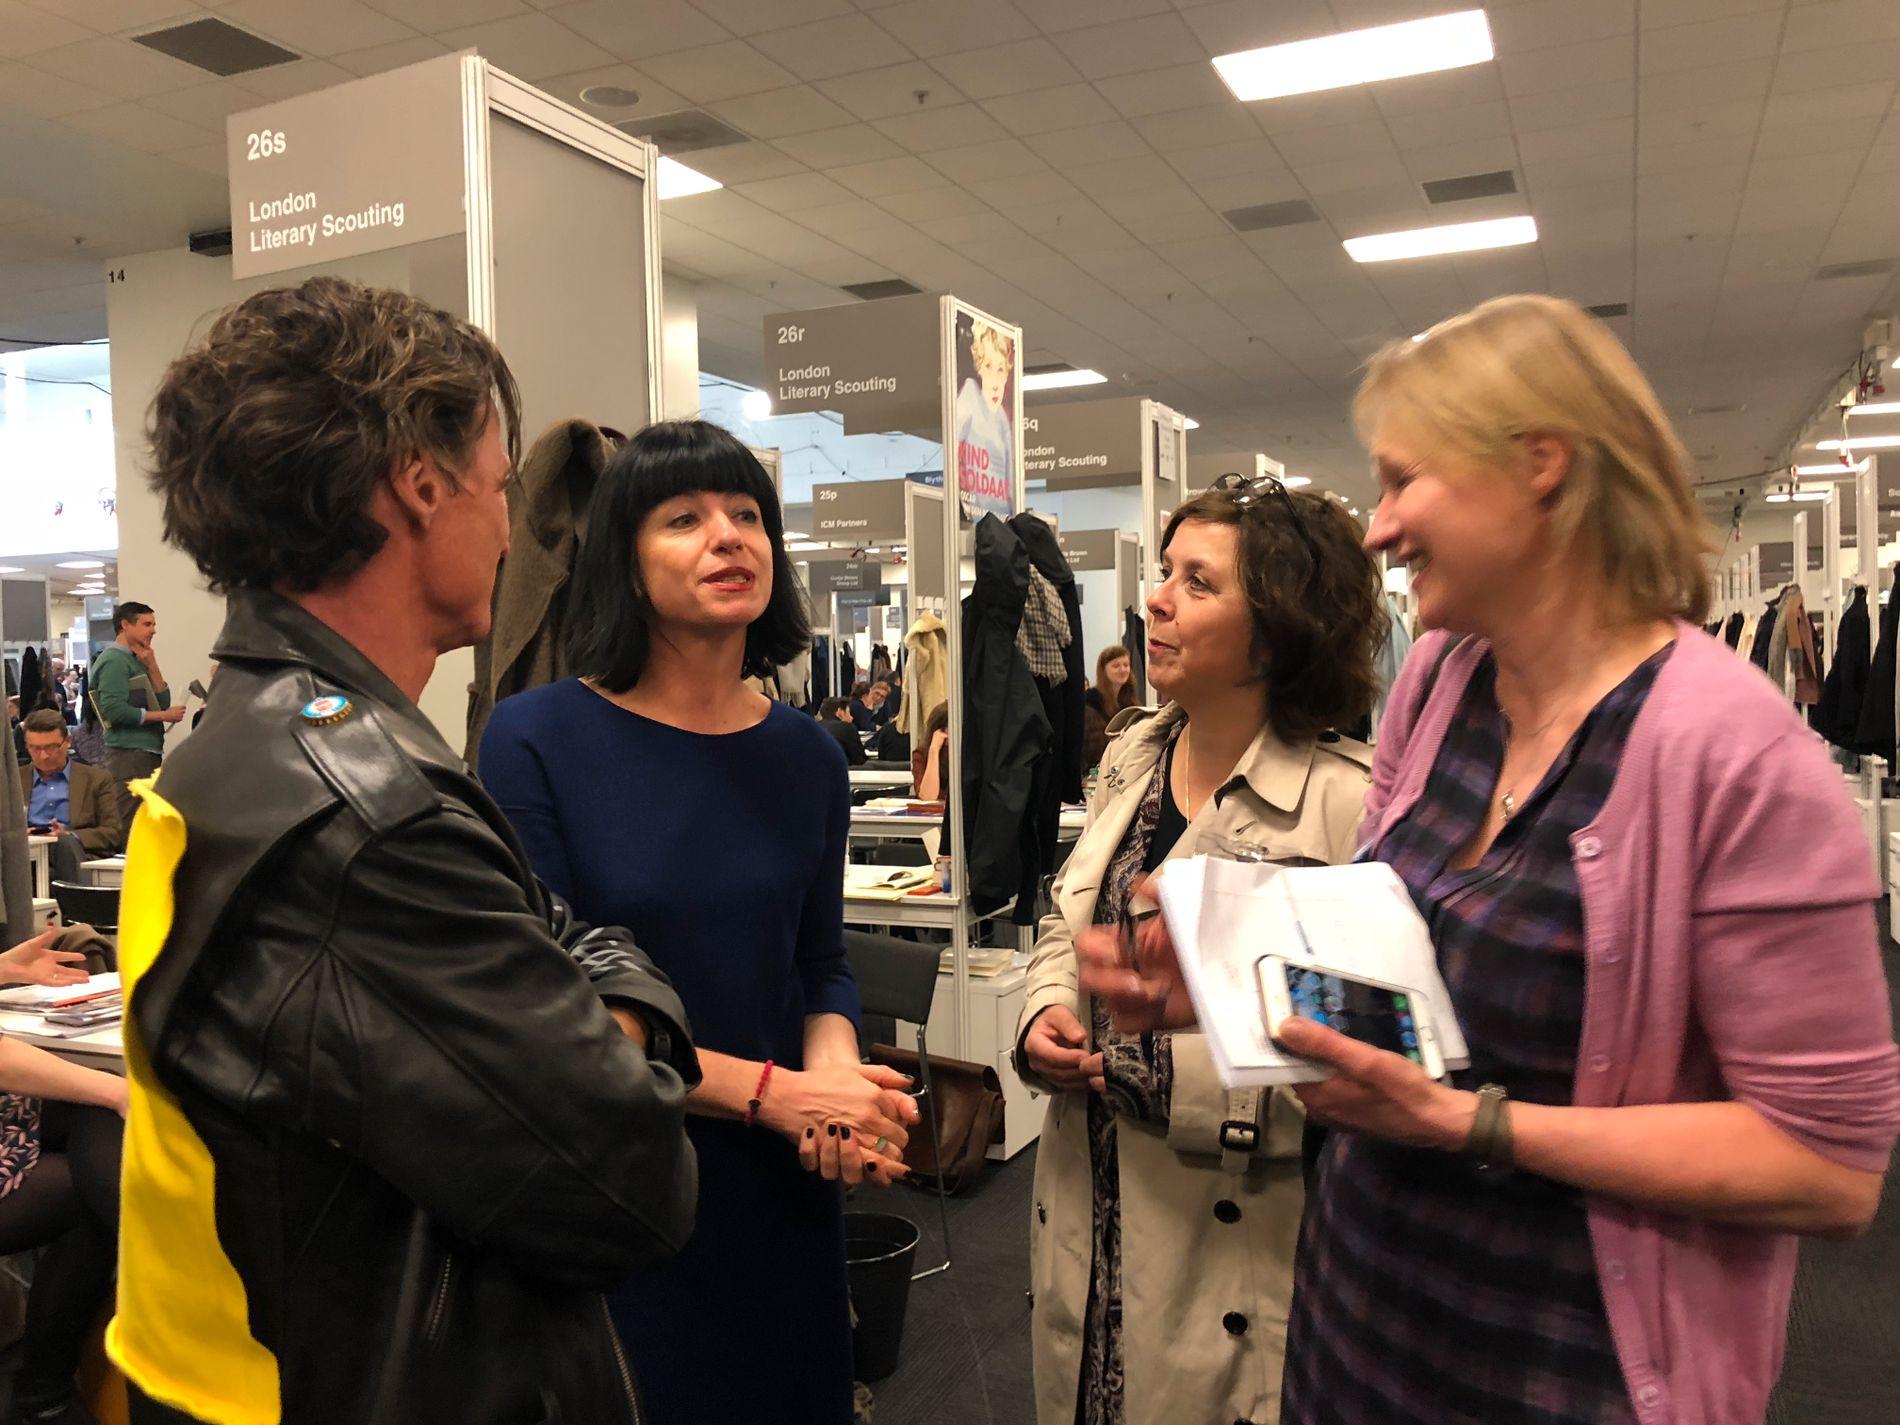 STORFISK: Rebecca Servadio (andre fra venstre) regnes som en av verdens beste litterære scouter - og gikk nå fra å jobbe for Cappelen Damm til Stordalen-forlagene. Her med Petter Stordalen, Anne Gaathaug, forlagssjef i Gloria, og sjefsredaktør i Capitana, Anne Fløtaker.